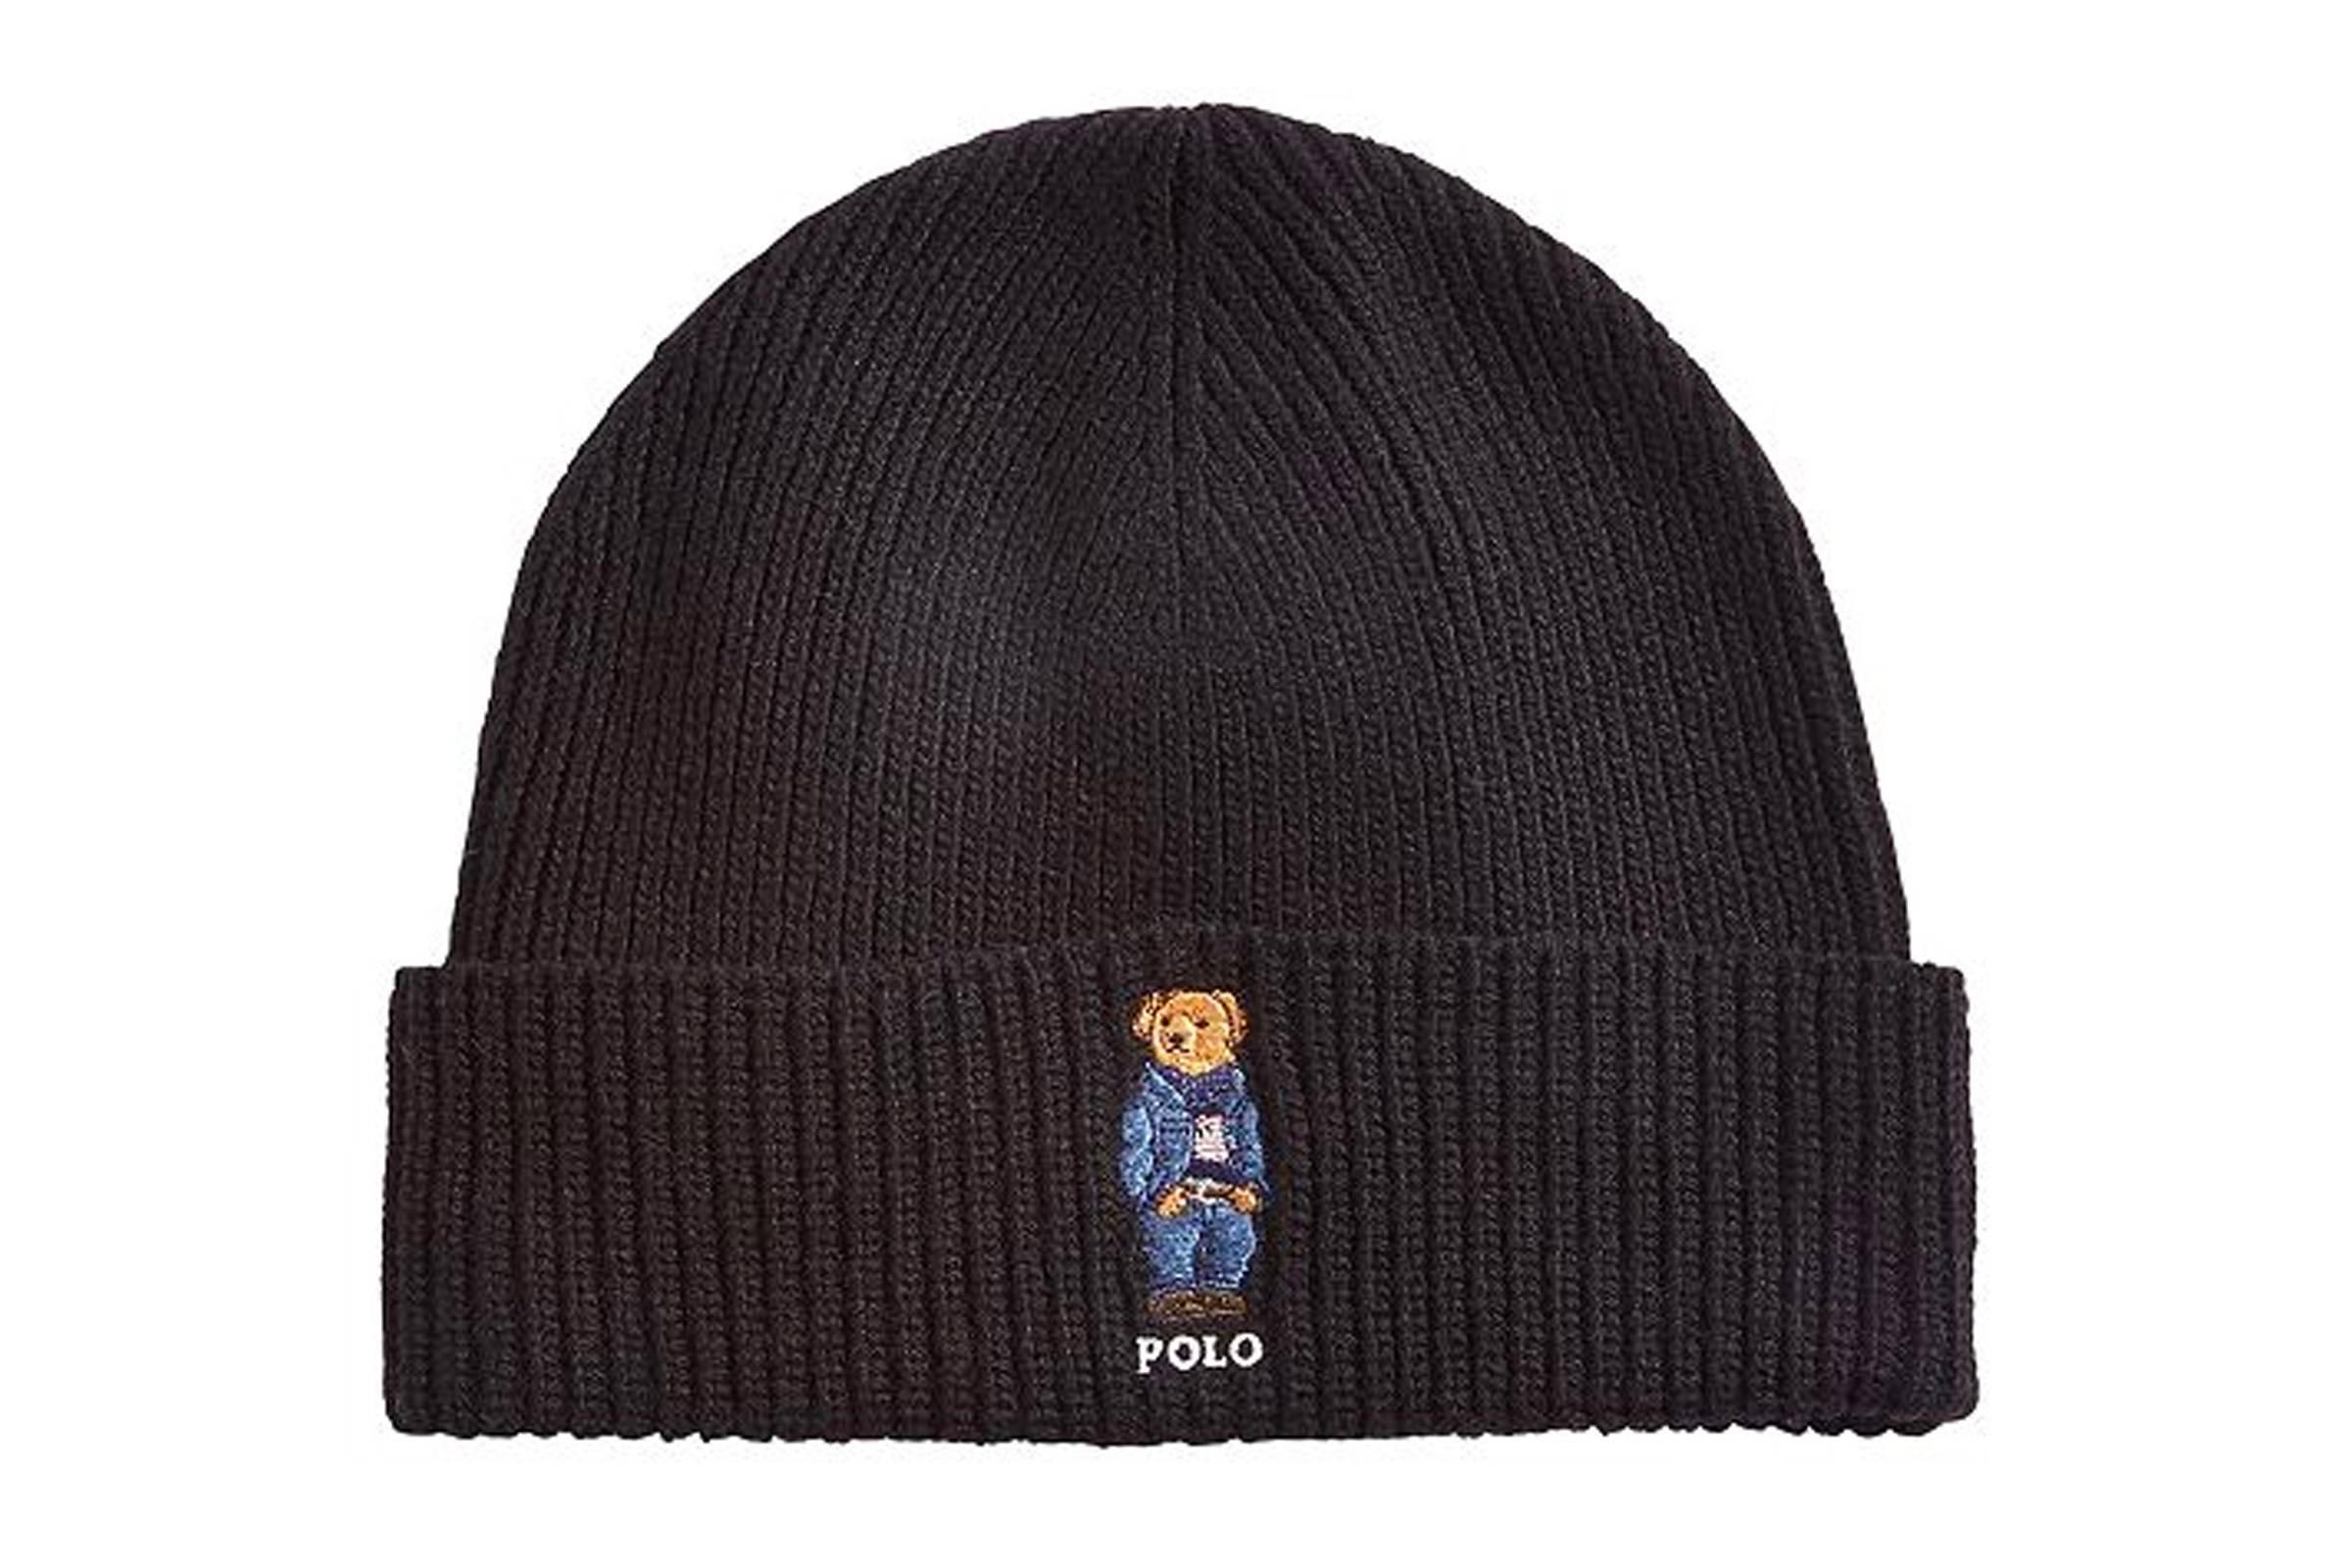 9.  Polo Ralph Lauren Polo Bear Beanie